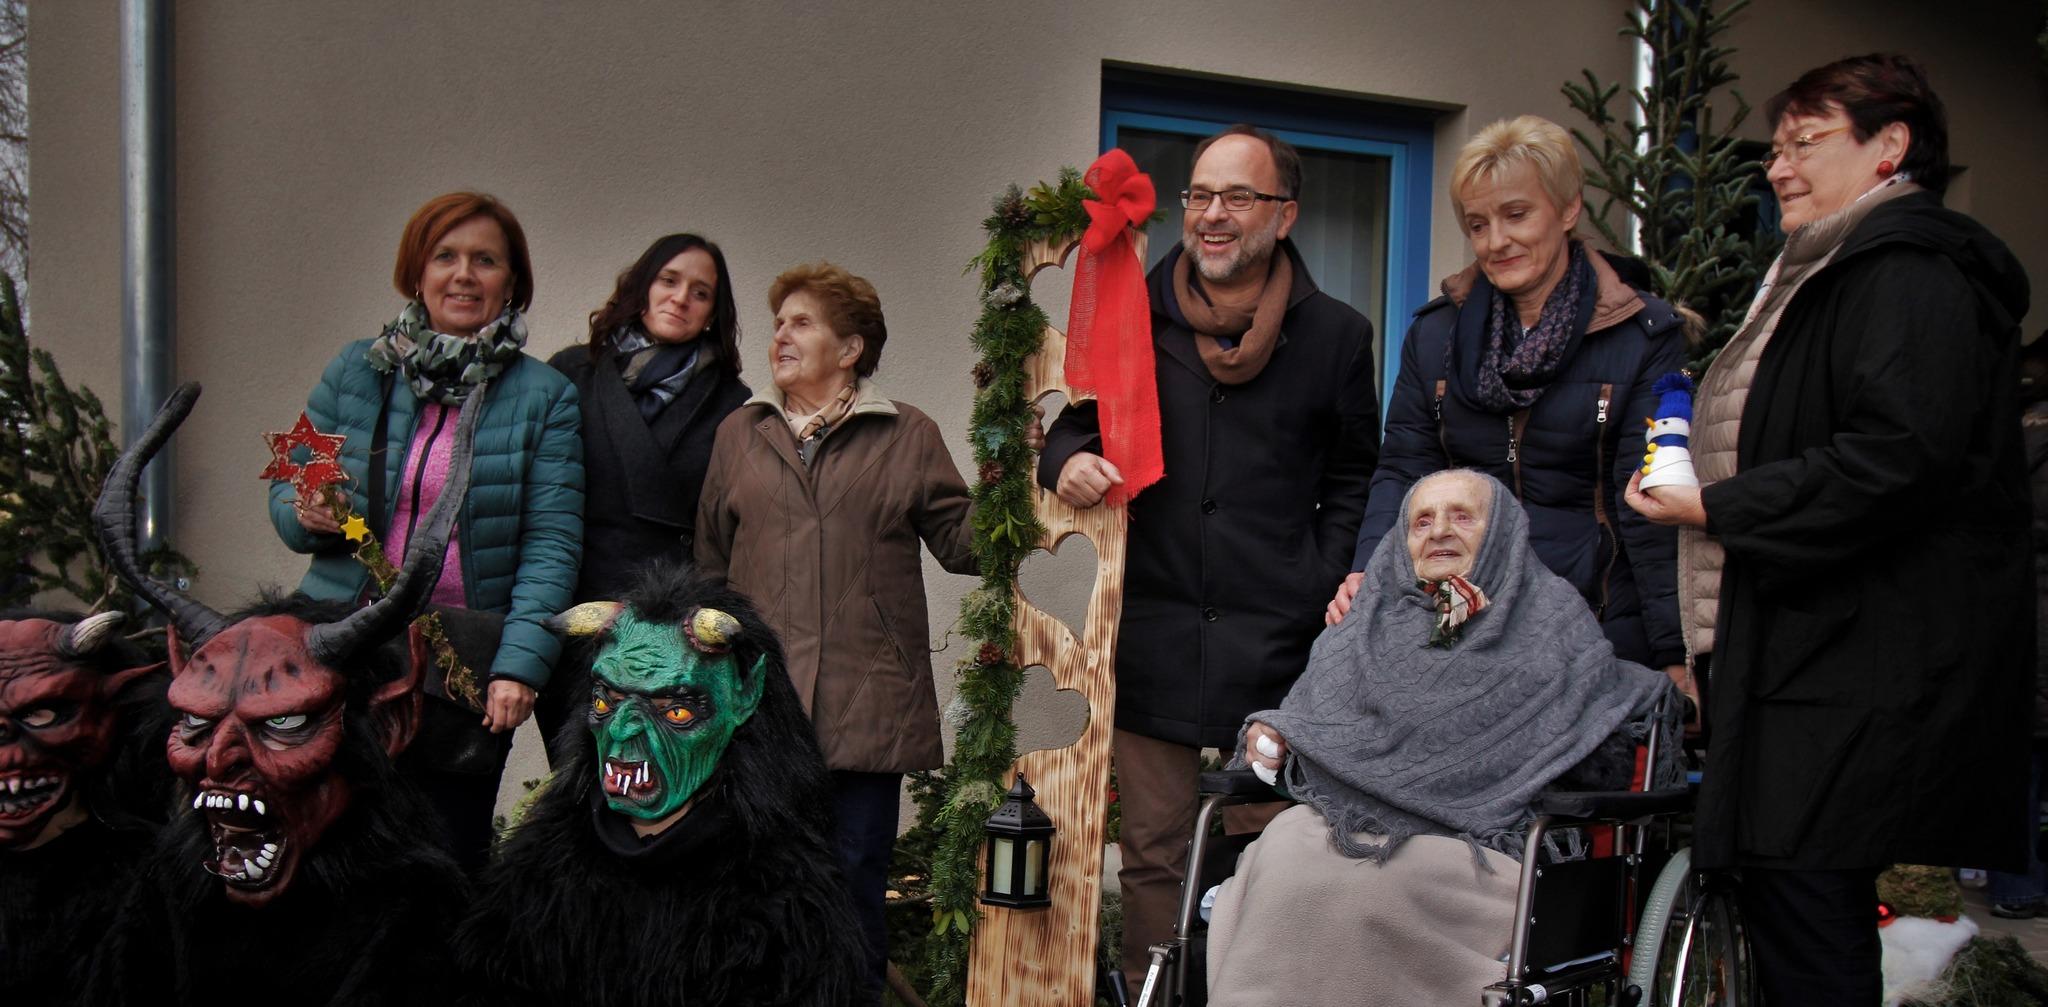 Senioren kennenlernen aus frohnleiten. Scharnstein single lokale